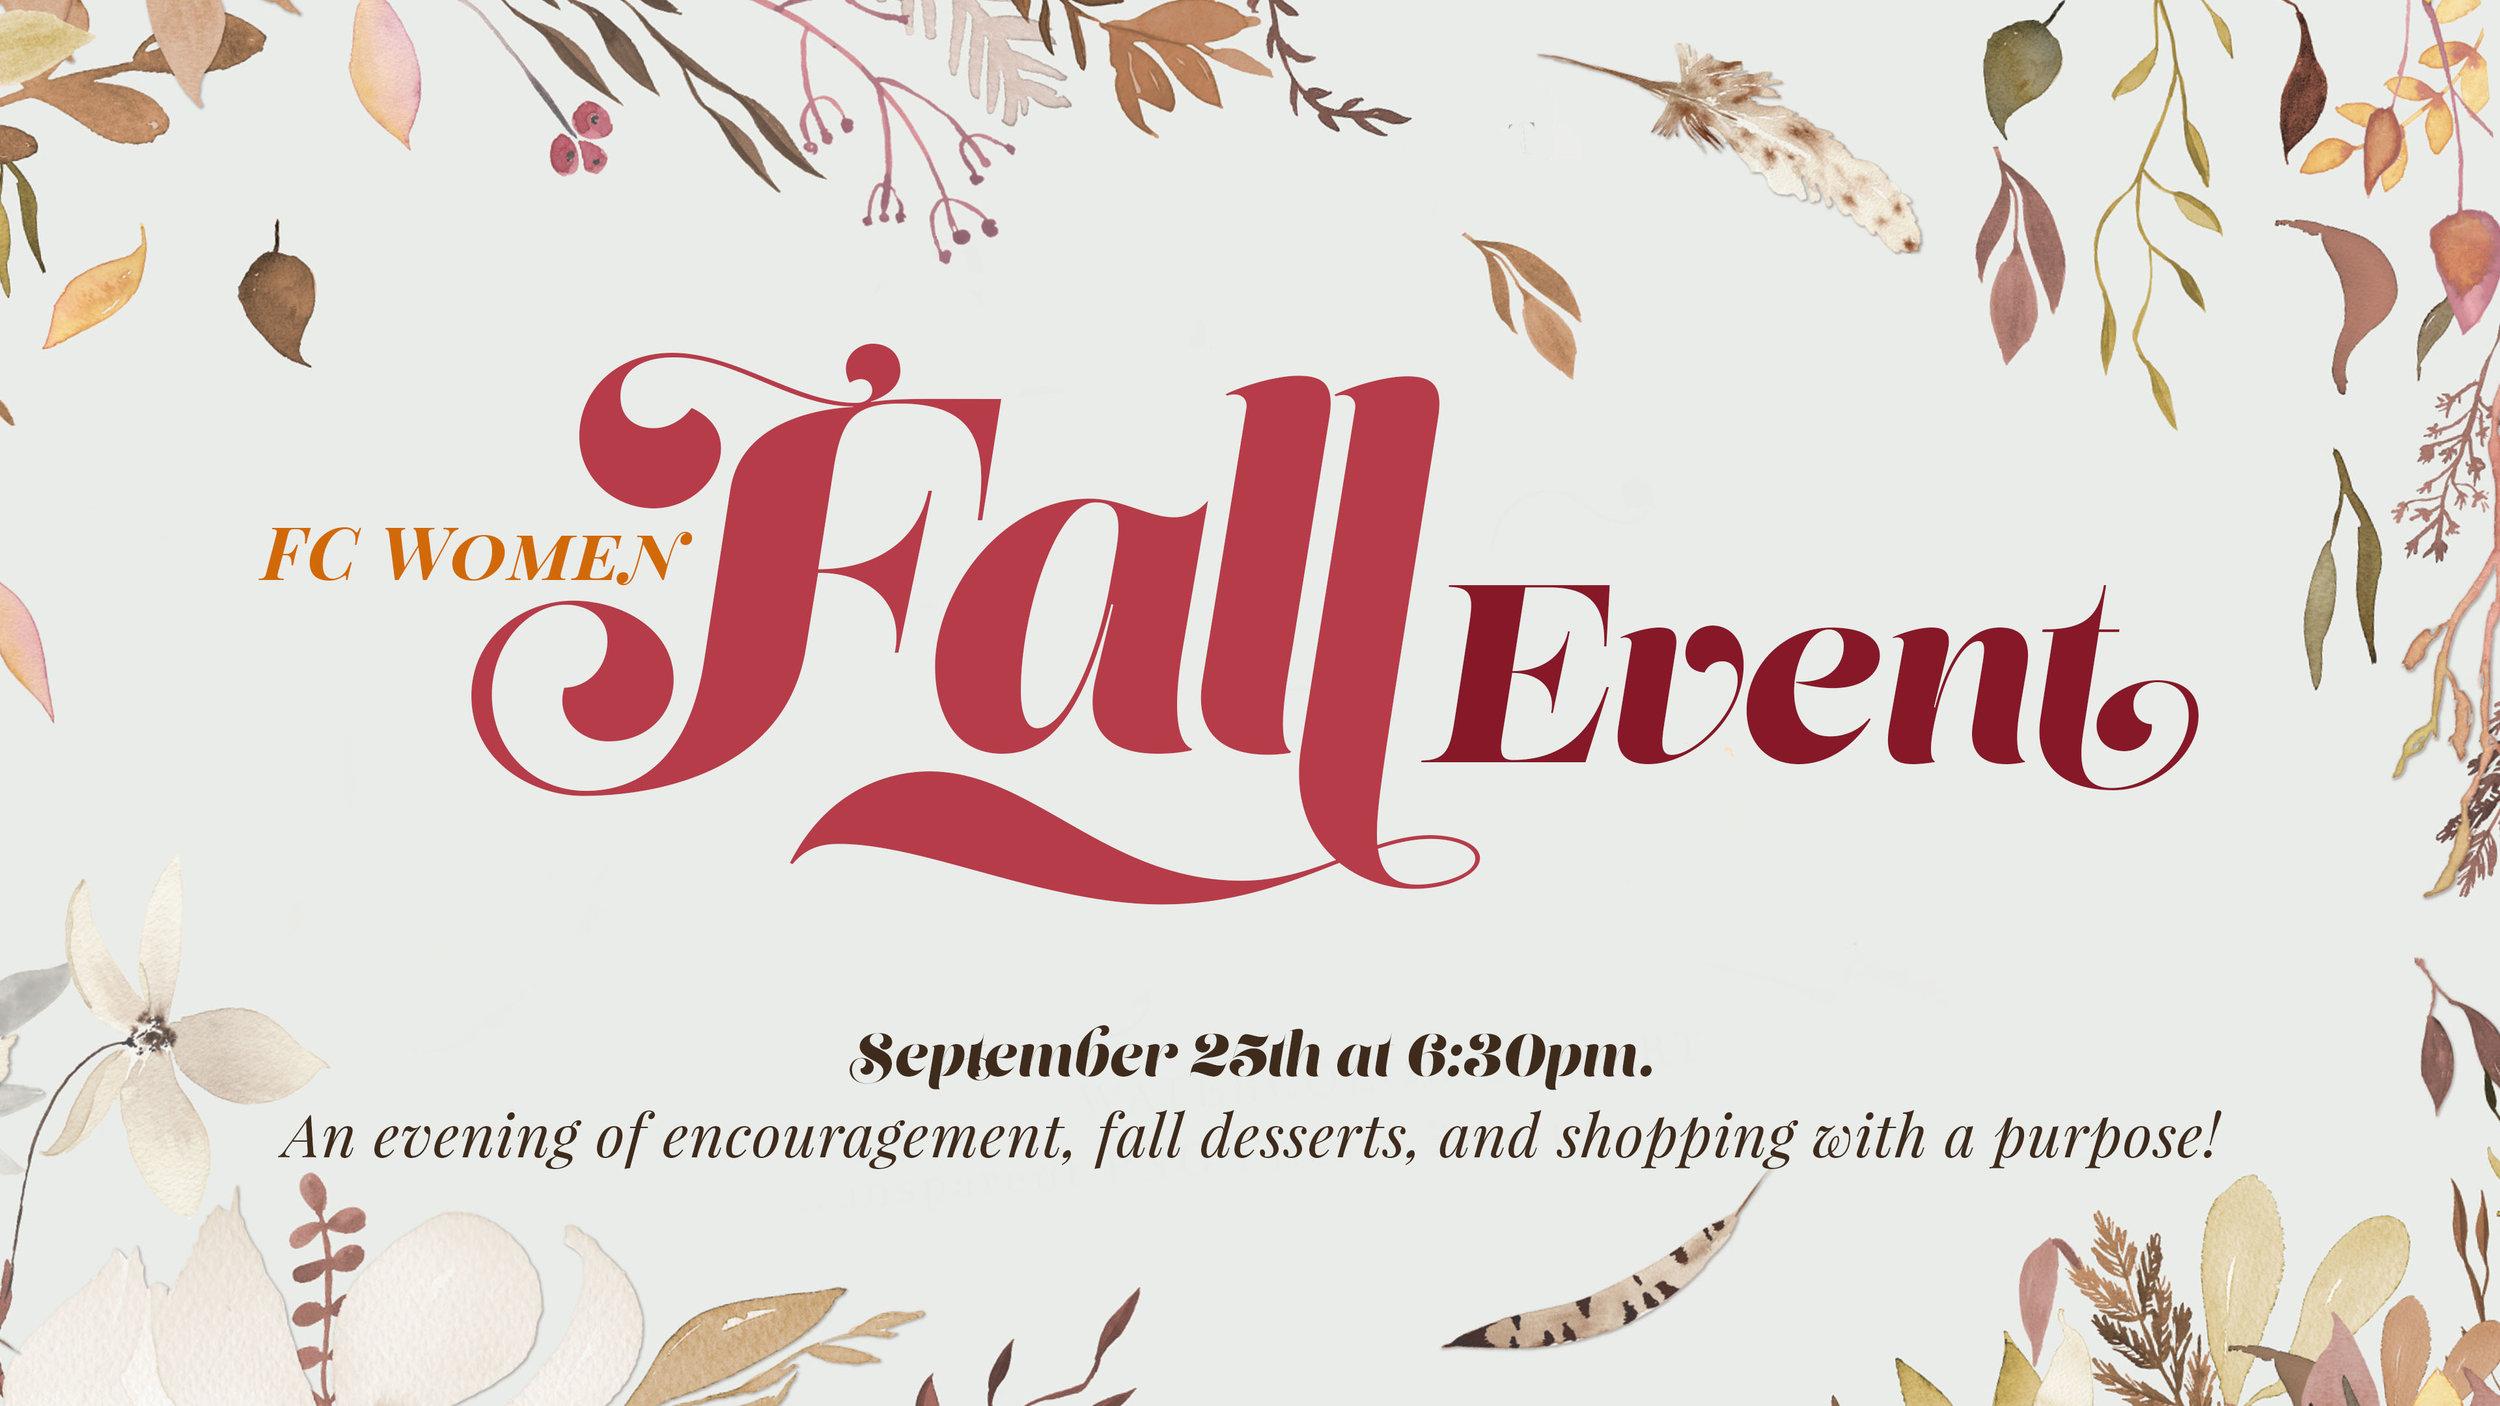 fc women fall event.jpg